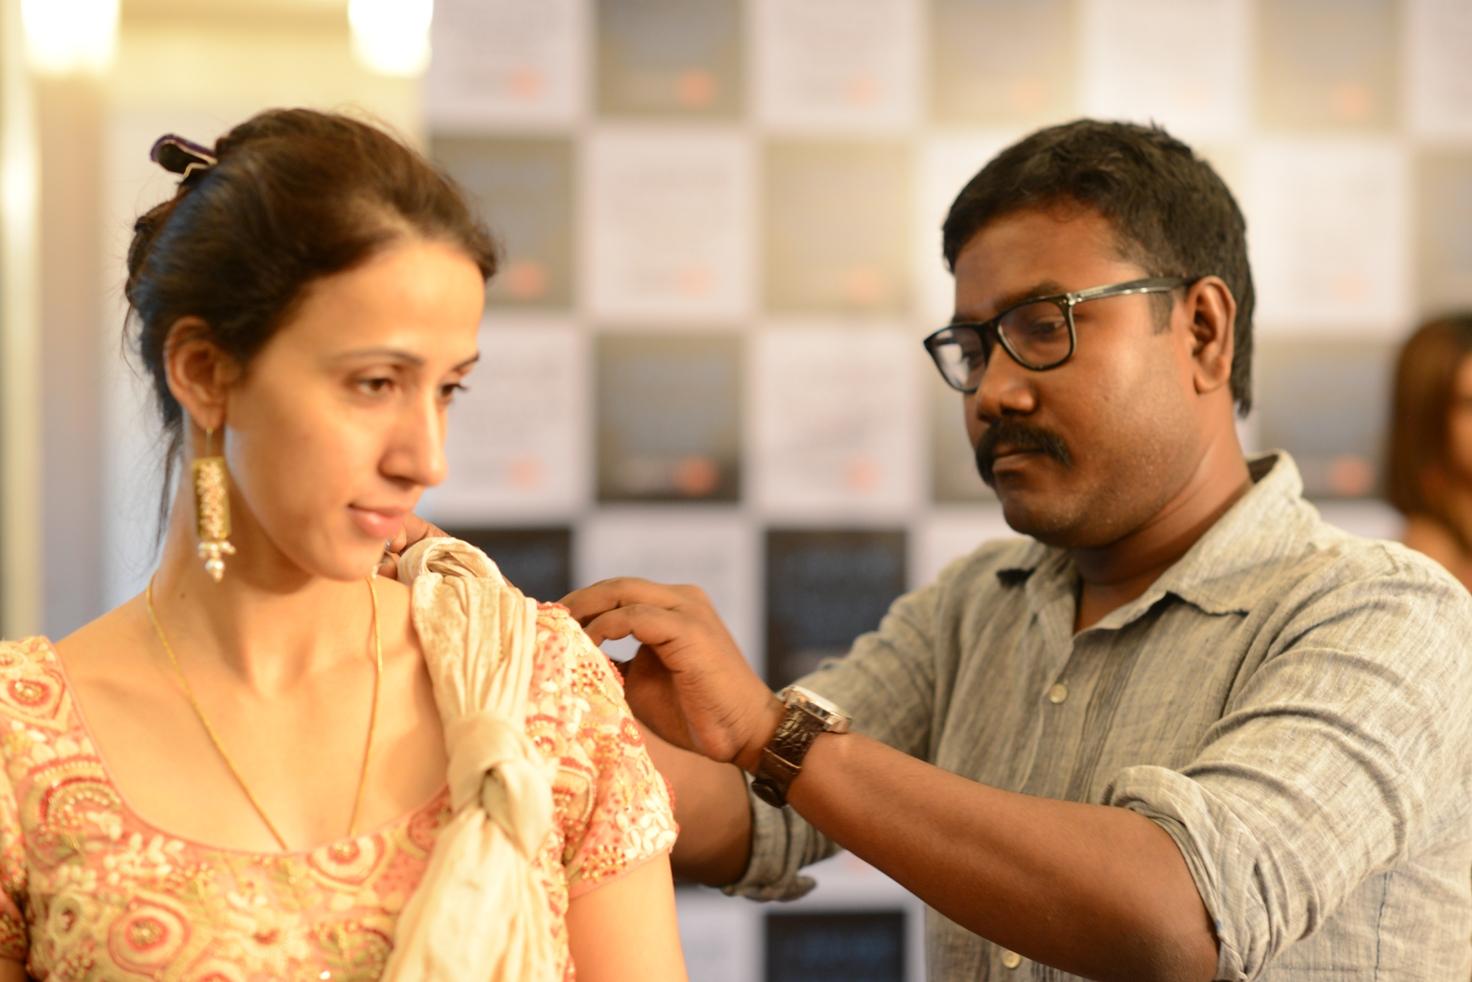 Soumitra Mondal at fittings